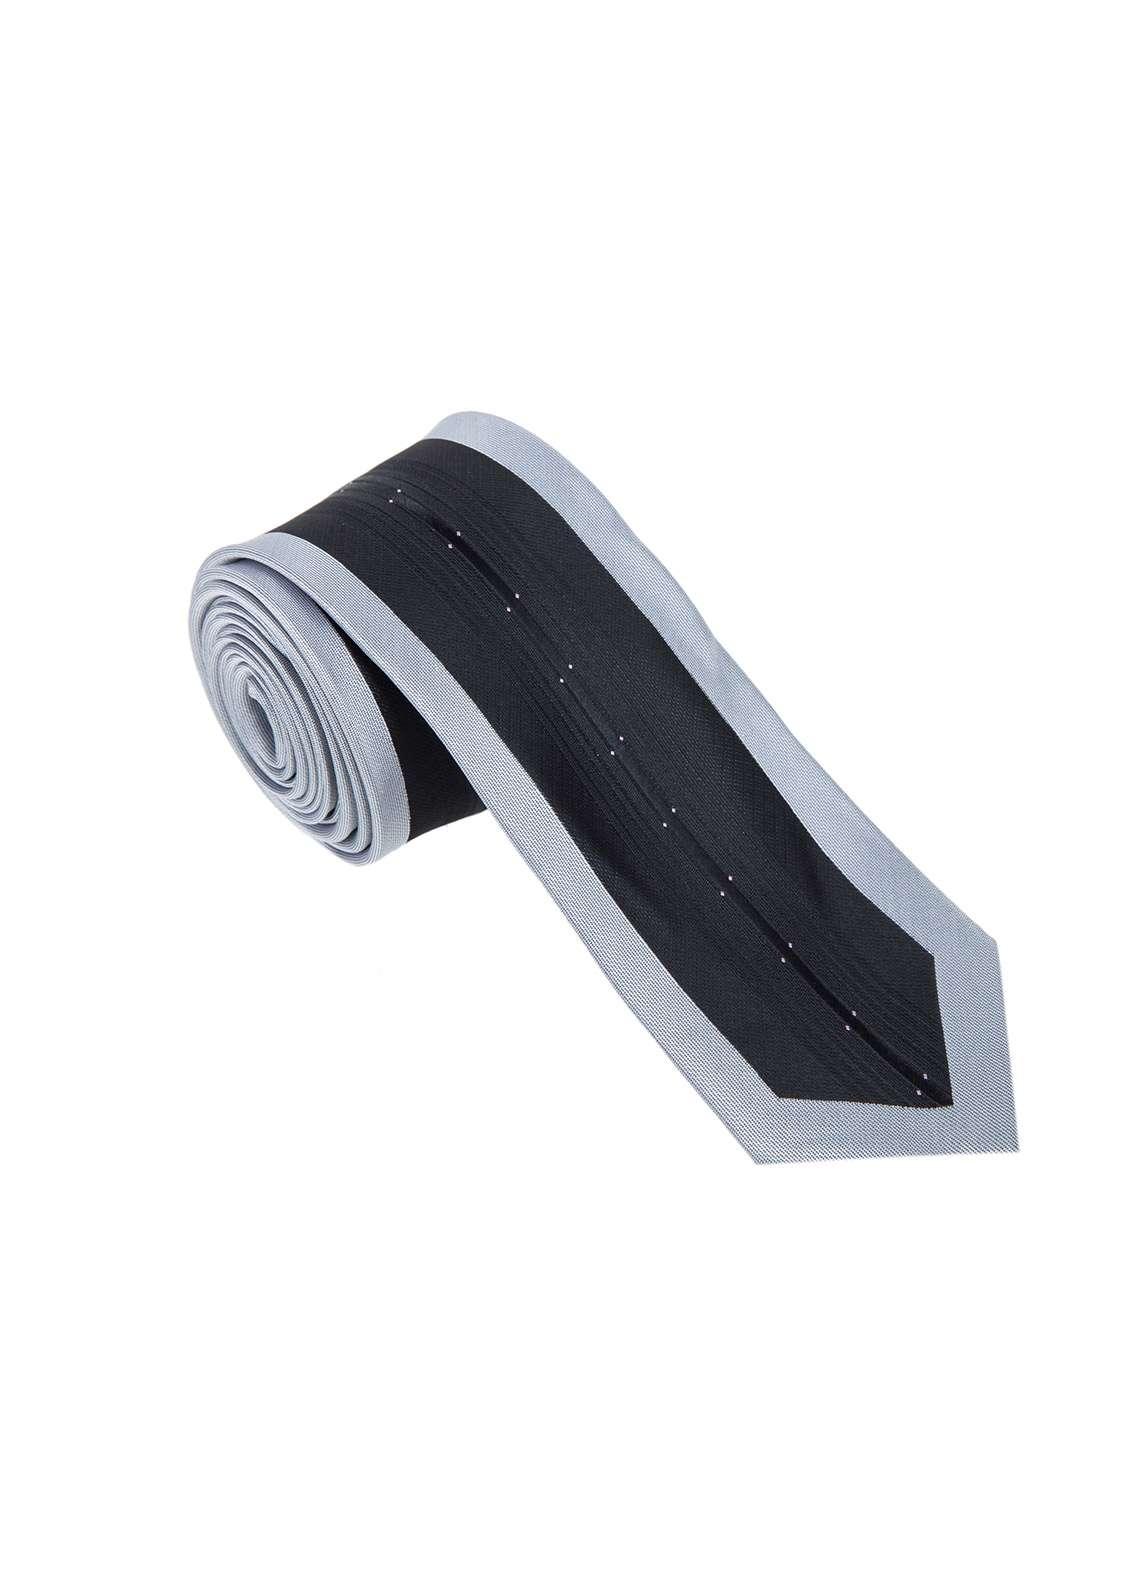 The Gentlemen's Club Grey Striped Silk Men's Ties